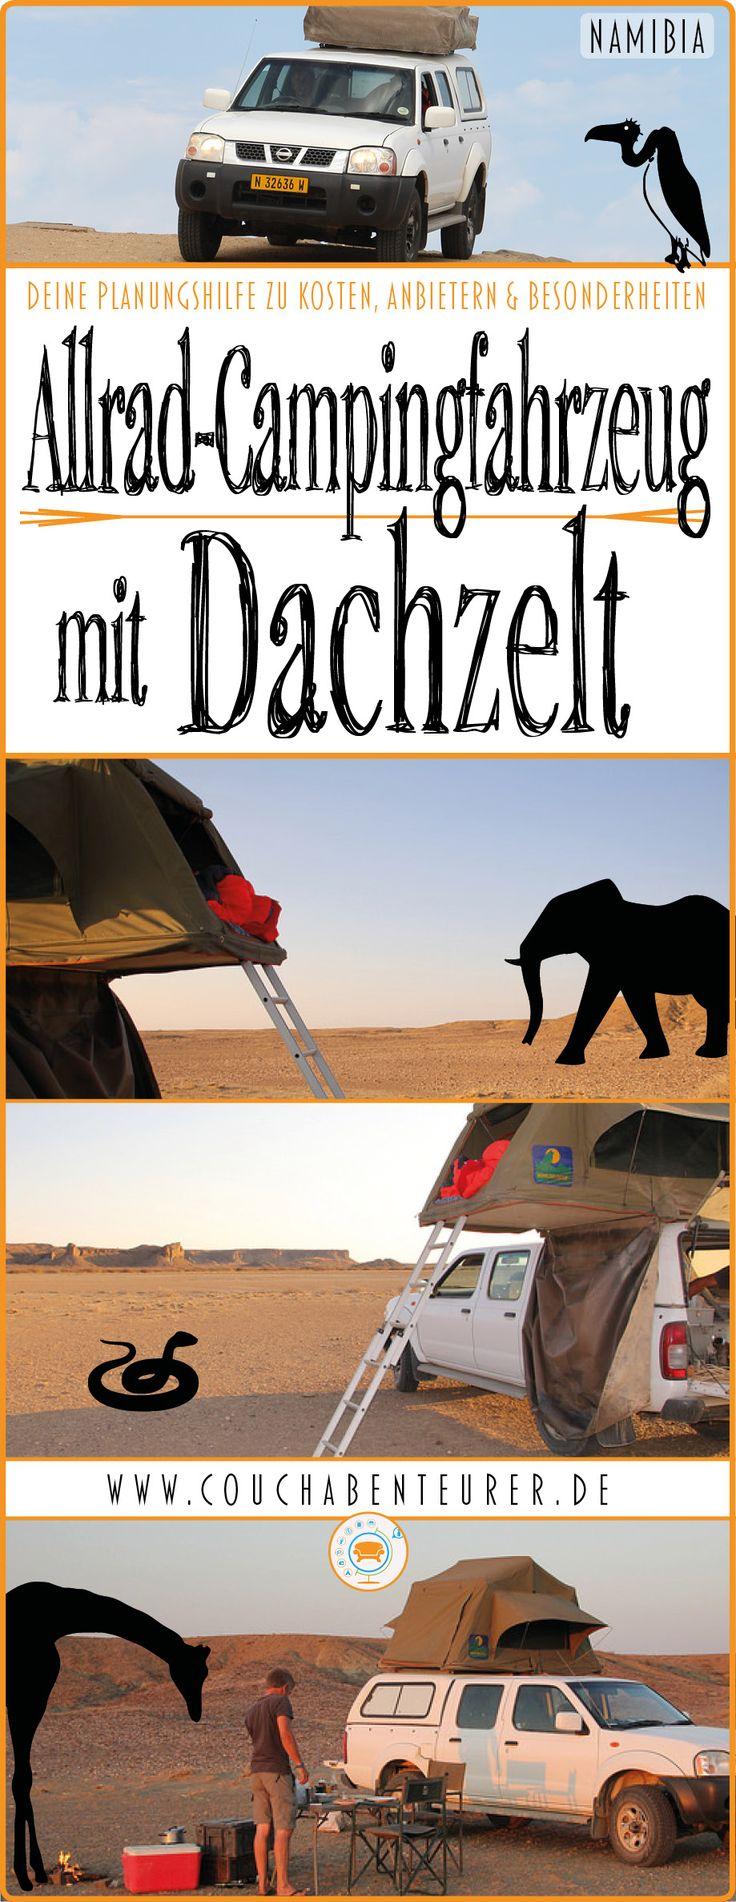 Du bist auf der Suche nach einem Fahrzeug mit Dachzelt in Namibia? Dich interessieren unsere Erfahrungen? Wir waren 15 Tage mit Allradfahrzeug, Campingausrüstung und Dachzelt in Namibia unterwegs.  #namibia #dachzeit #roadtrip #allrad #Camping #reise #reiseblog #reiseblogger #travel #rooftoptent #afrika